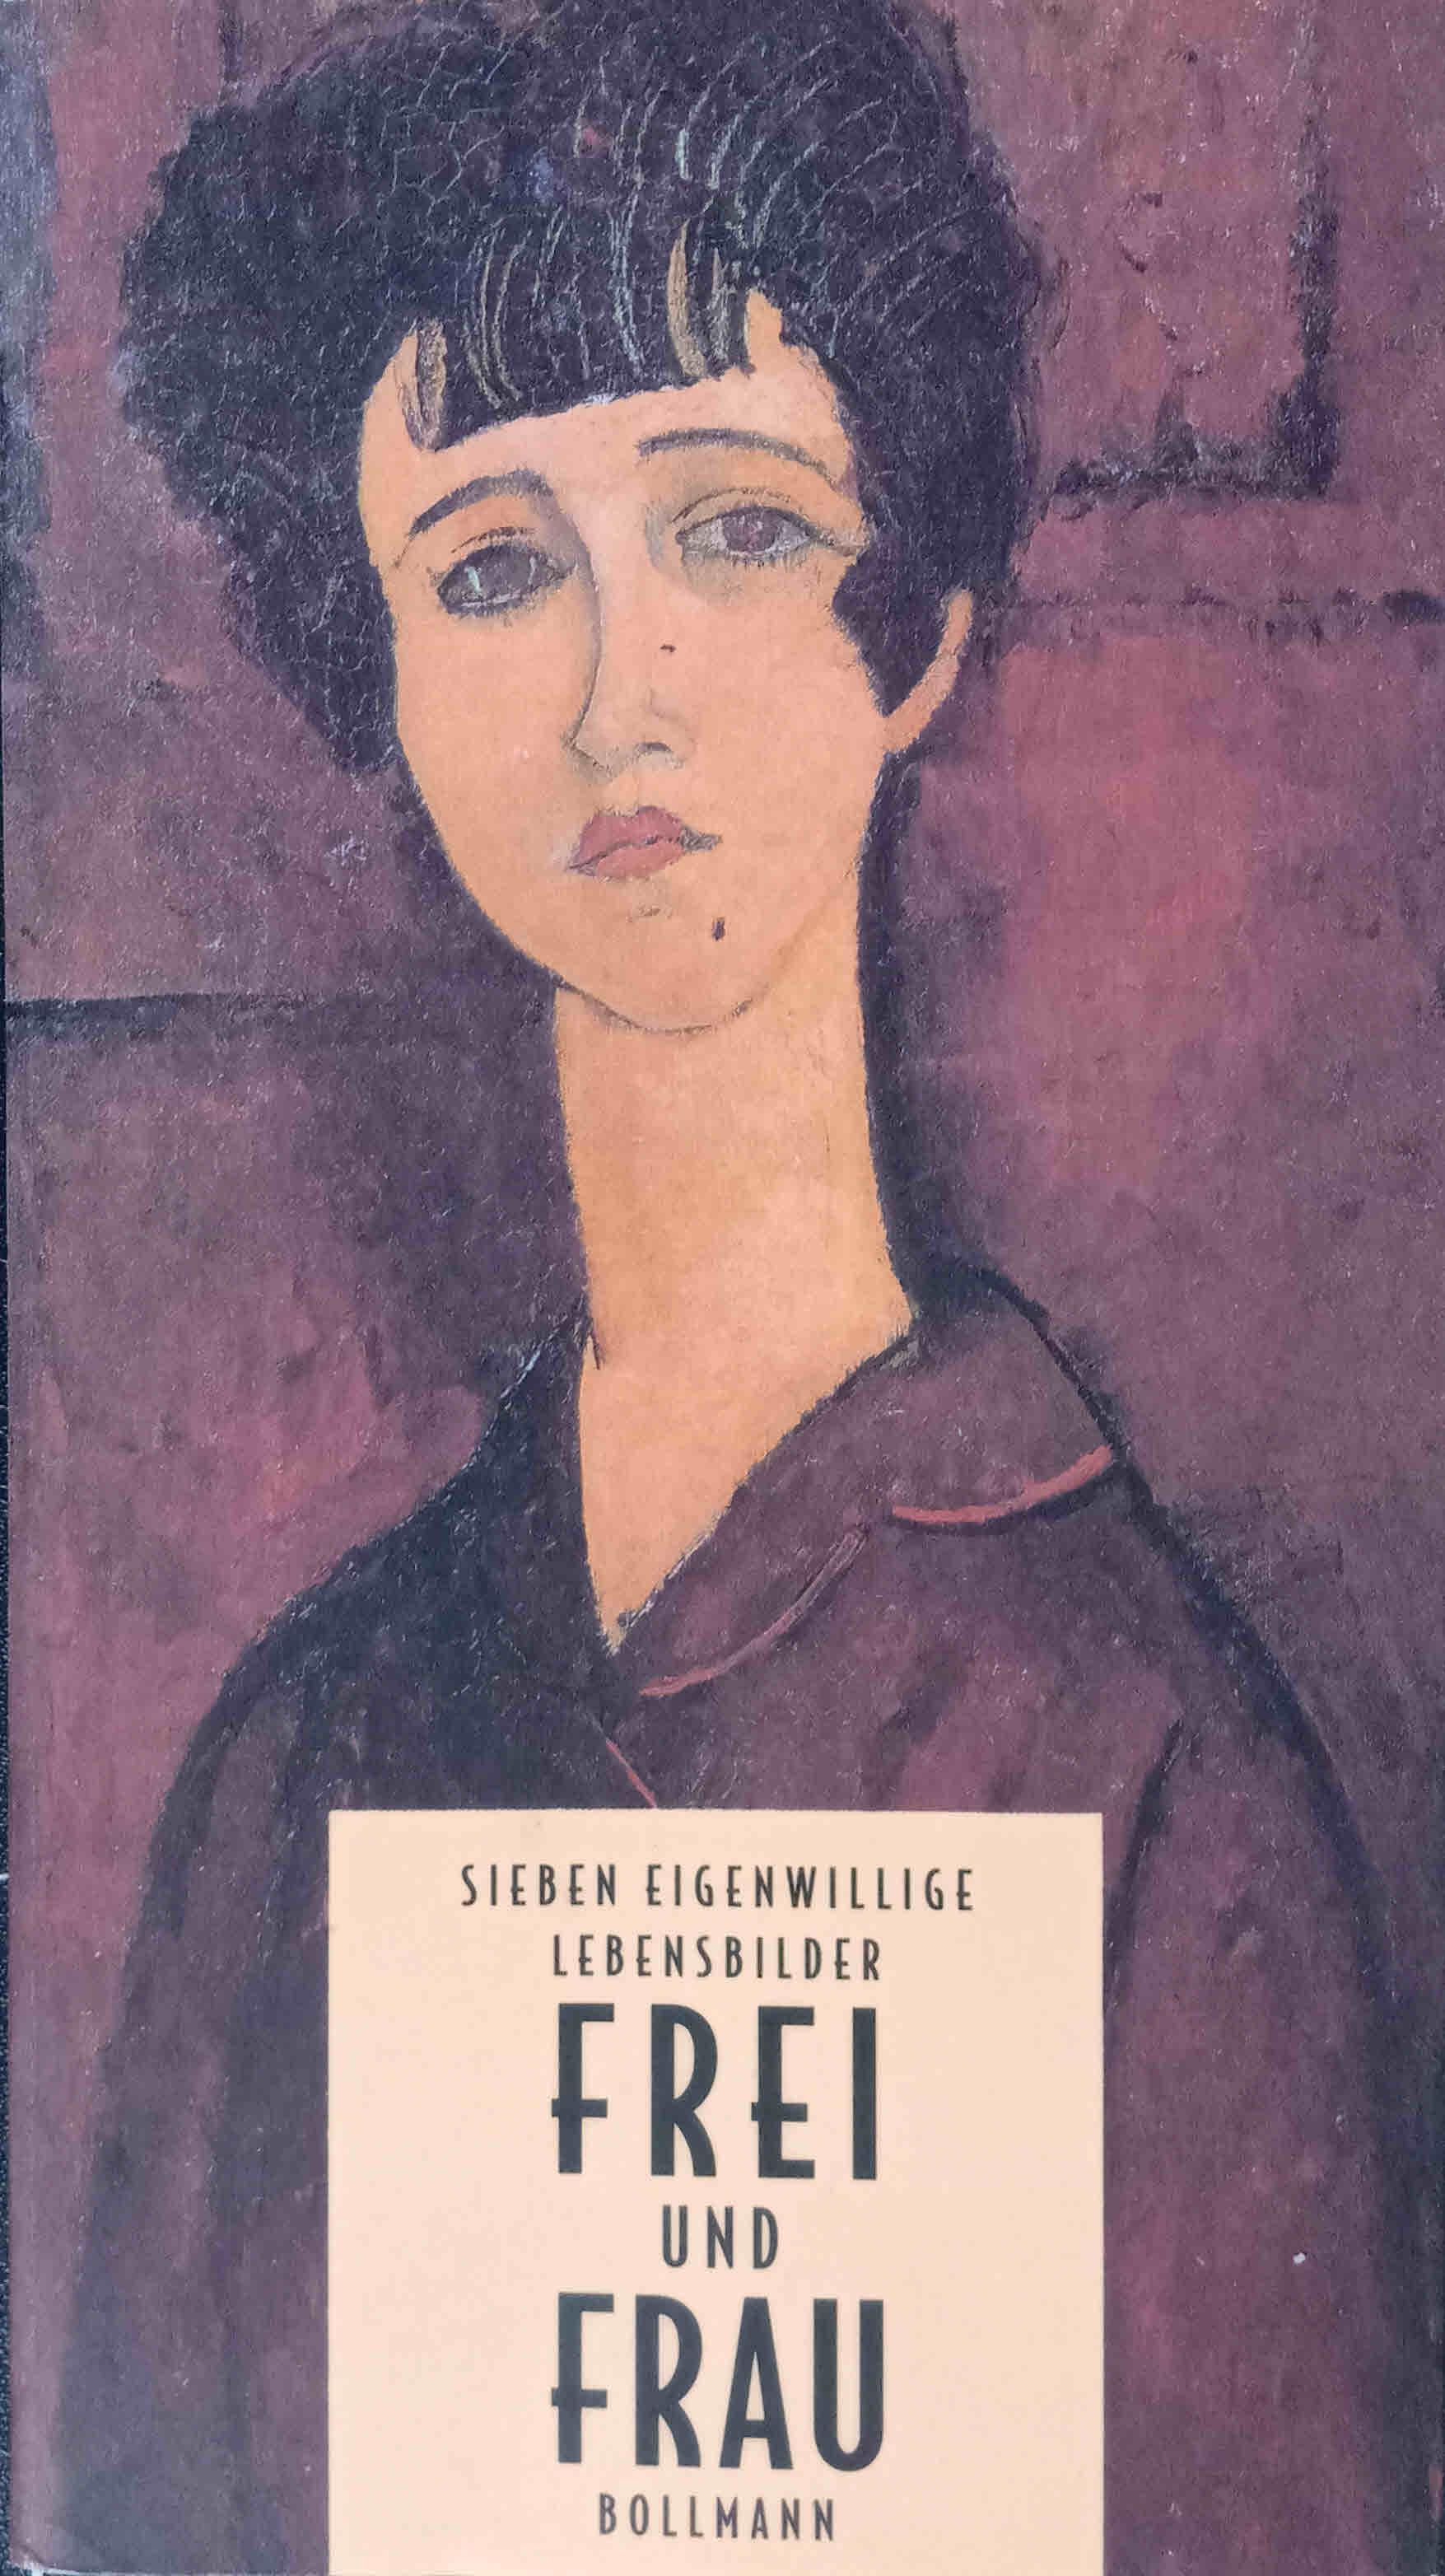 Frei und Frau; Teil: [1]., Sieben eigenwillige Lebensbilder  1. Aufl.